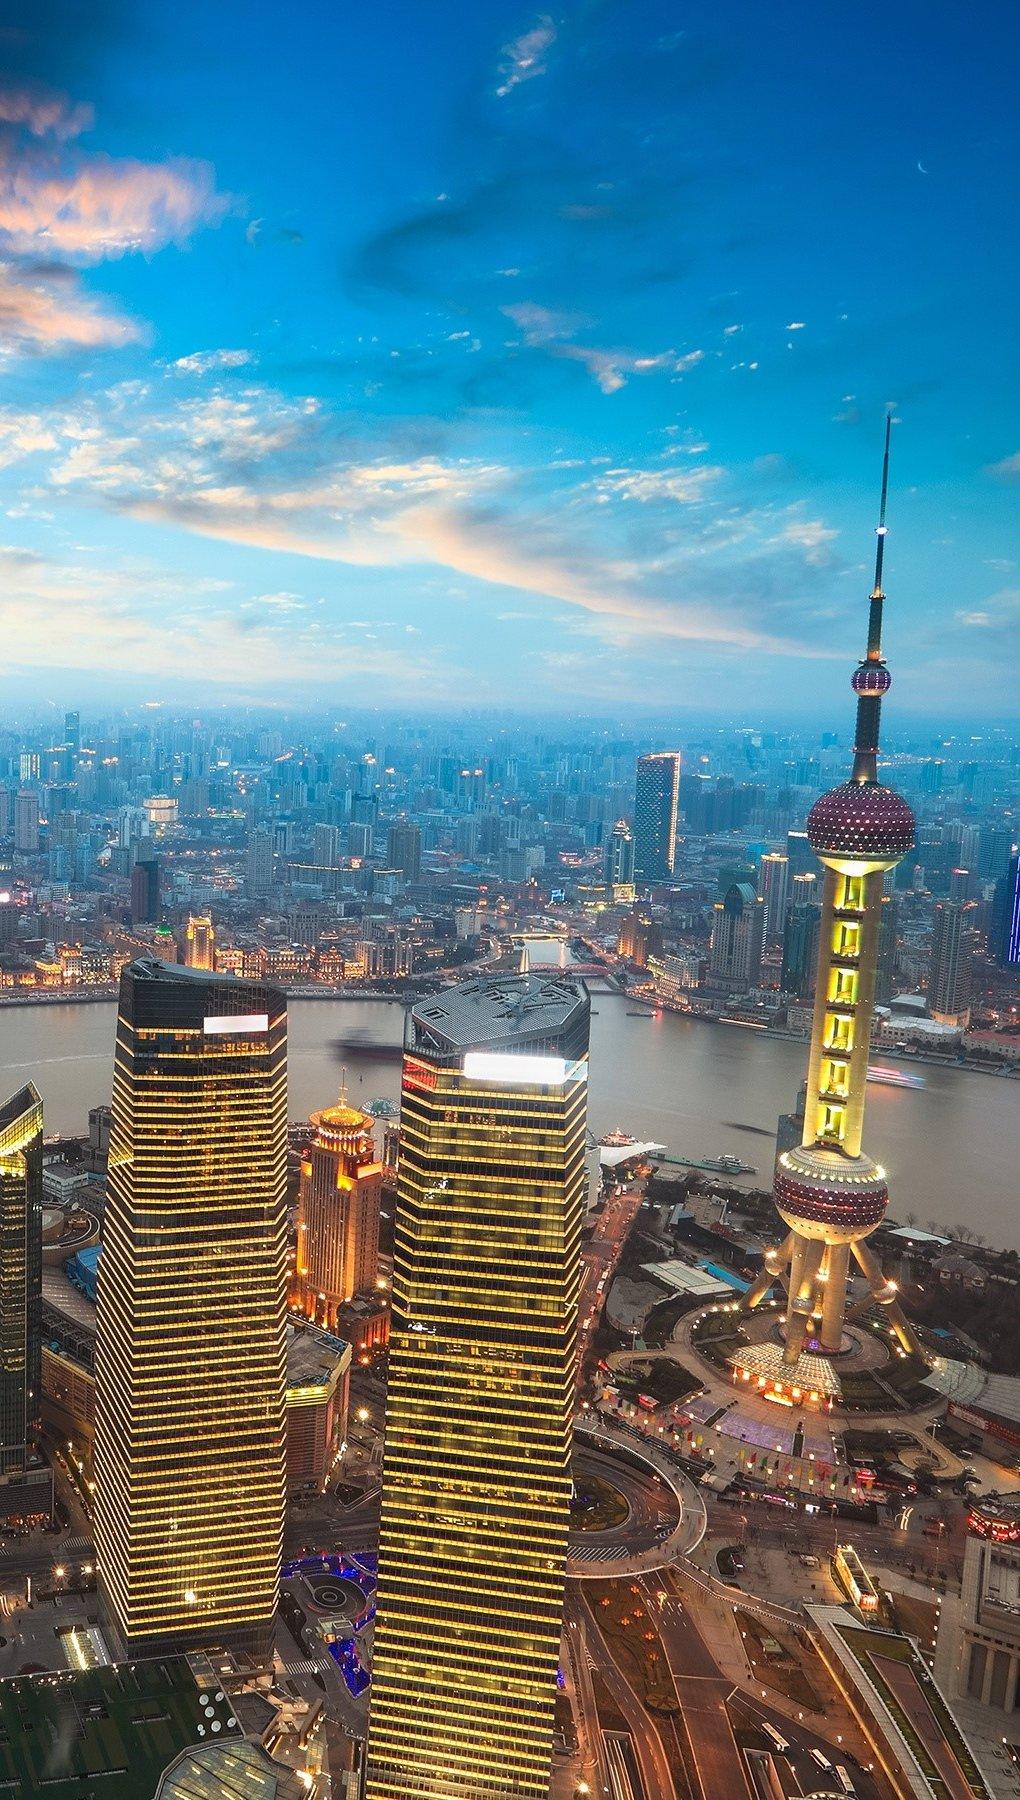 Fondos de pantalla Atardecer en Shanghai Vertical